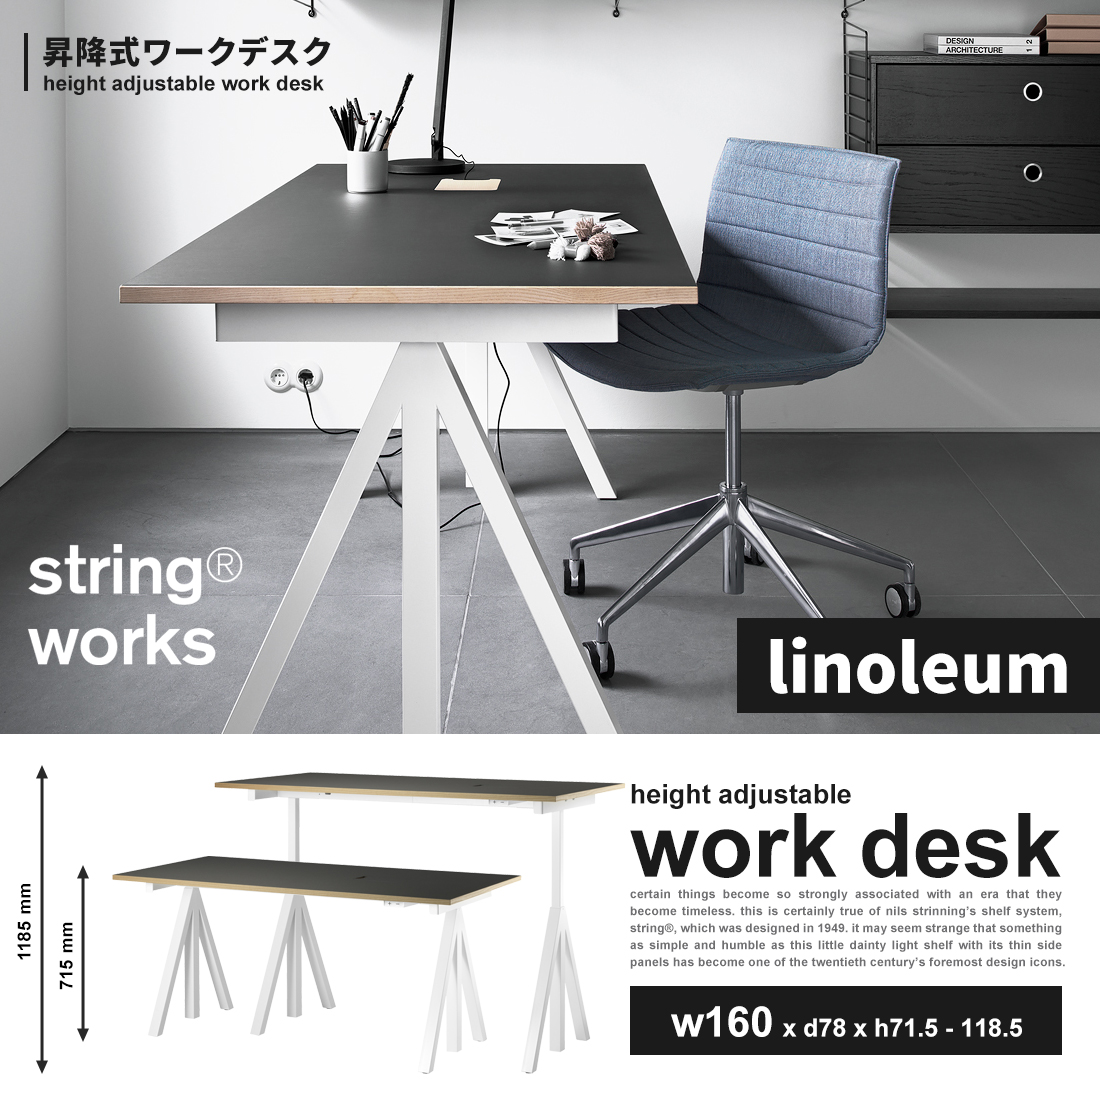 【string ストリング】string works desk ストリング ワークス 昇降式デスク W160cmstring-works-workdesk-w160-lino机 テーブル 作業台 折りたたみ式 折り畳みテーブル ダイニングテーブル